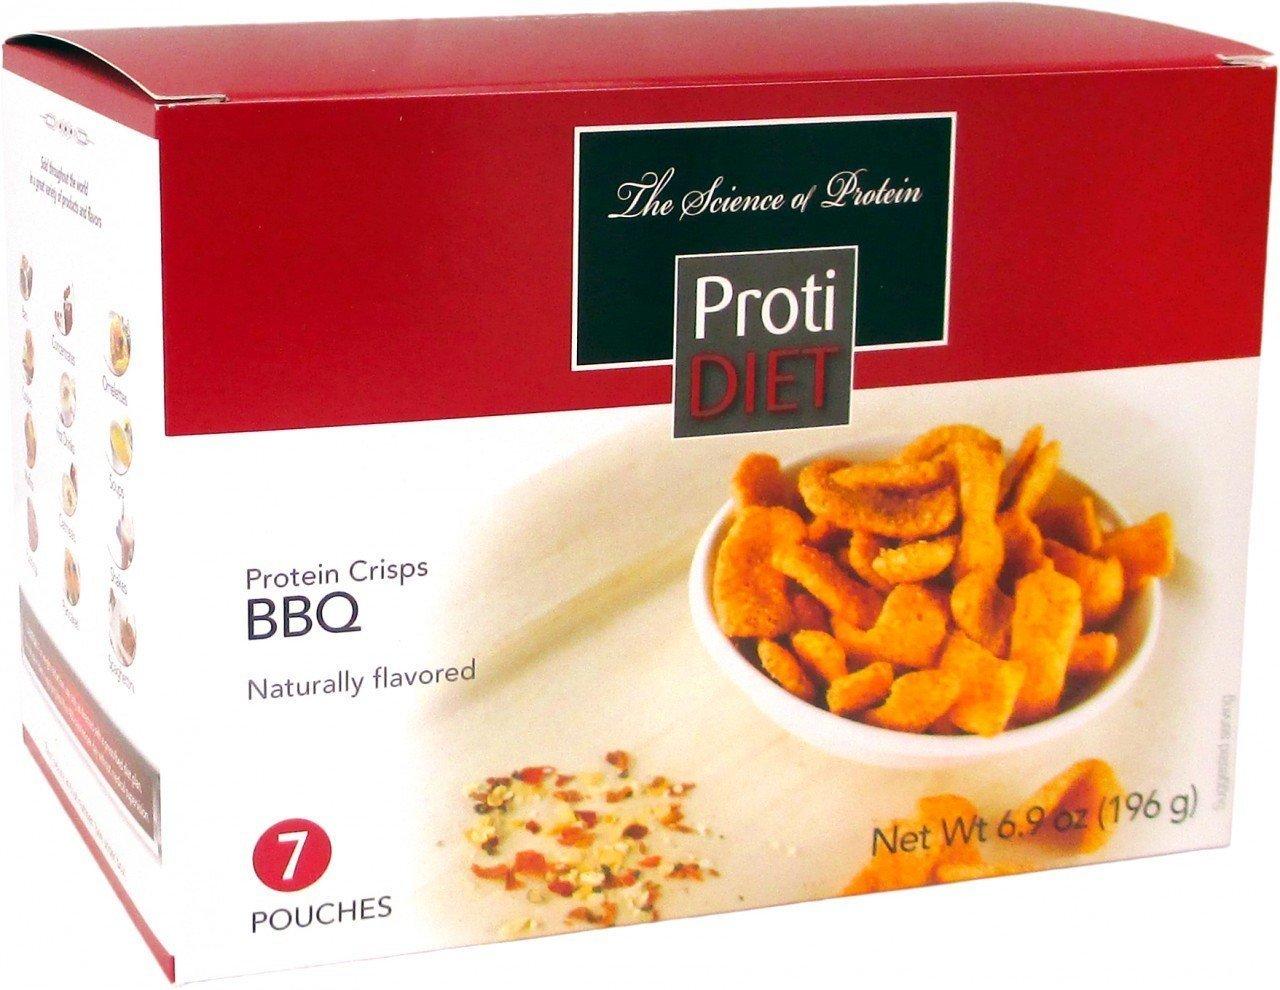 Protidiet BBQ Protein Crisps Net Wt 8.2 oz (231 g)